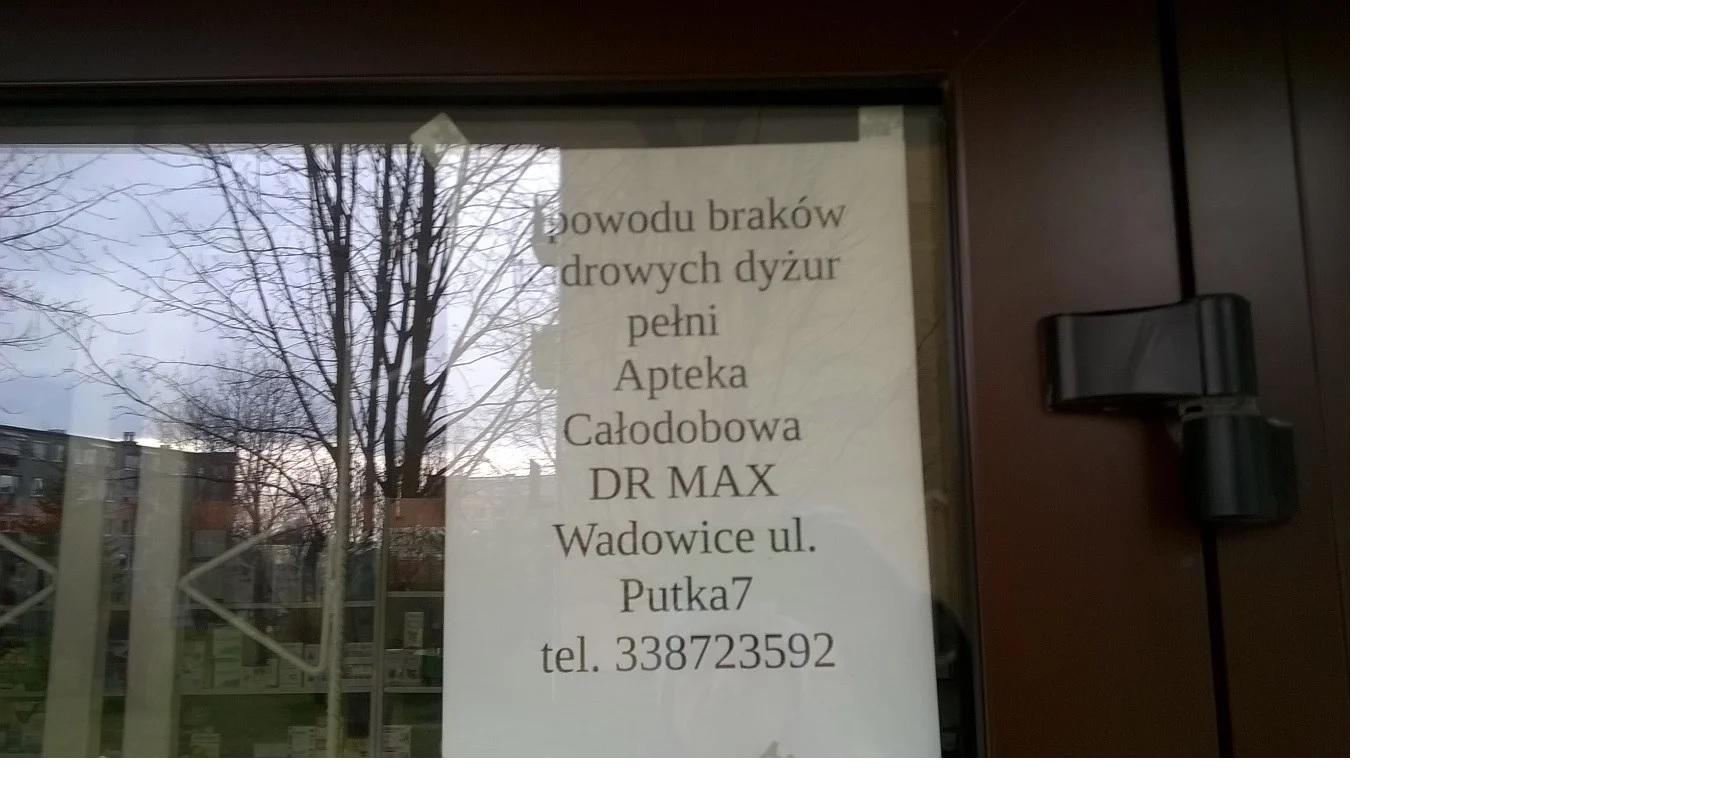 Weekendowe dyżury aptek w Andrychowie pod znakiem zapytania?